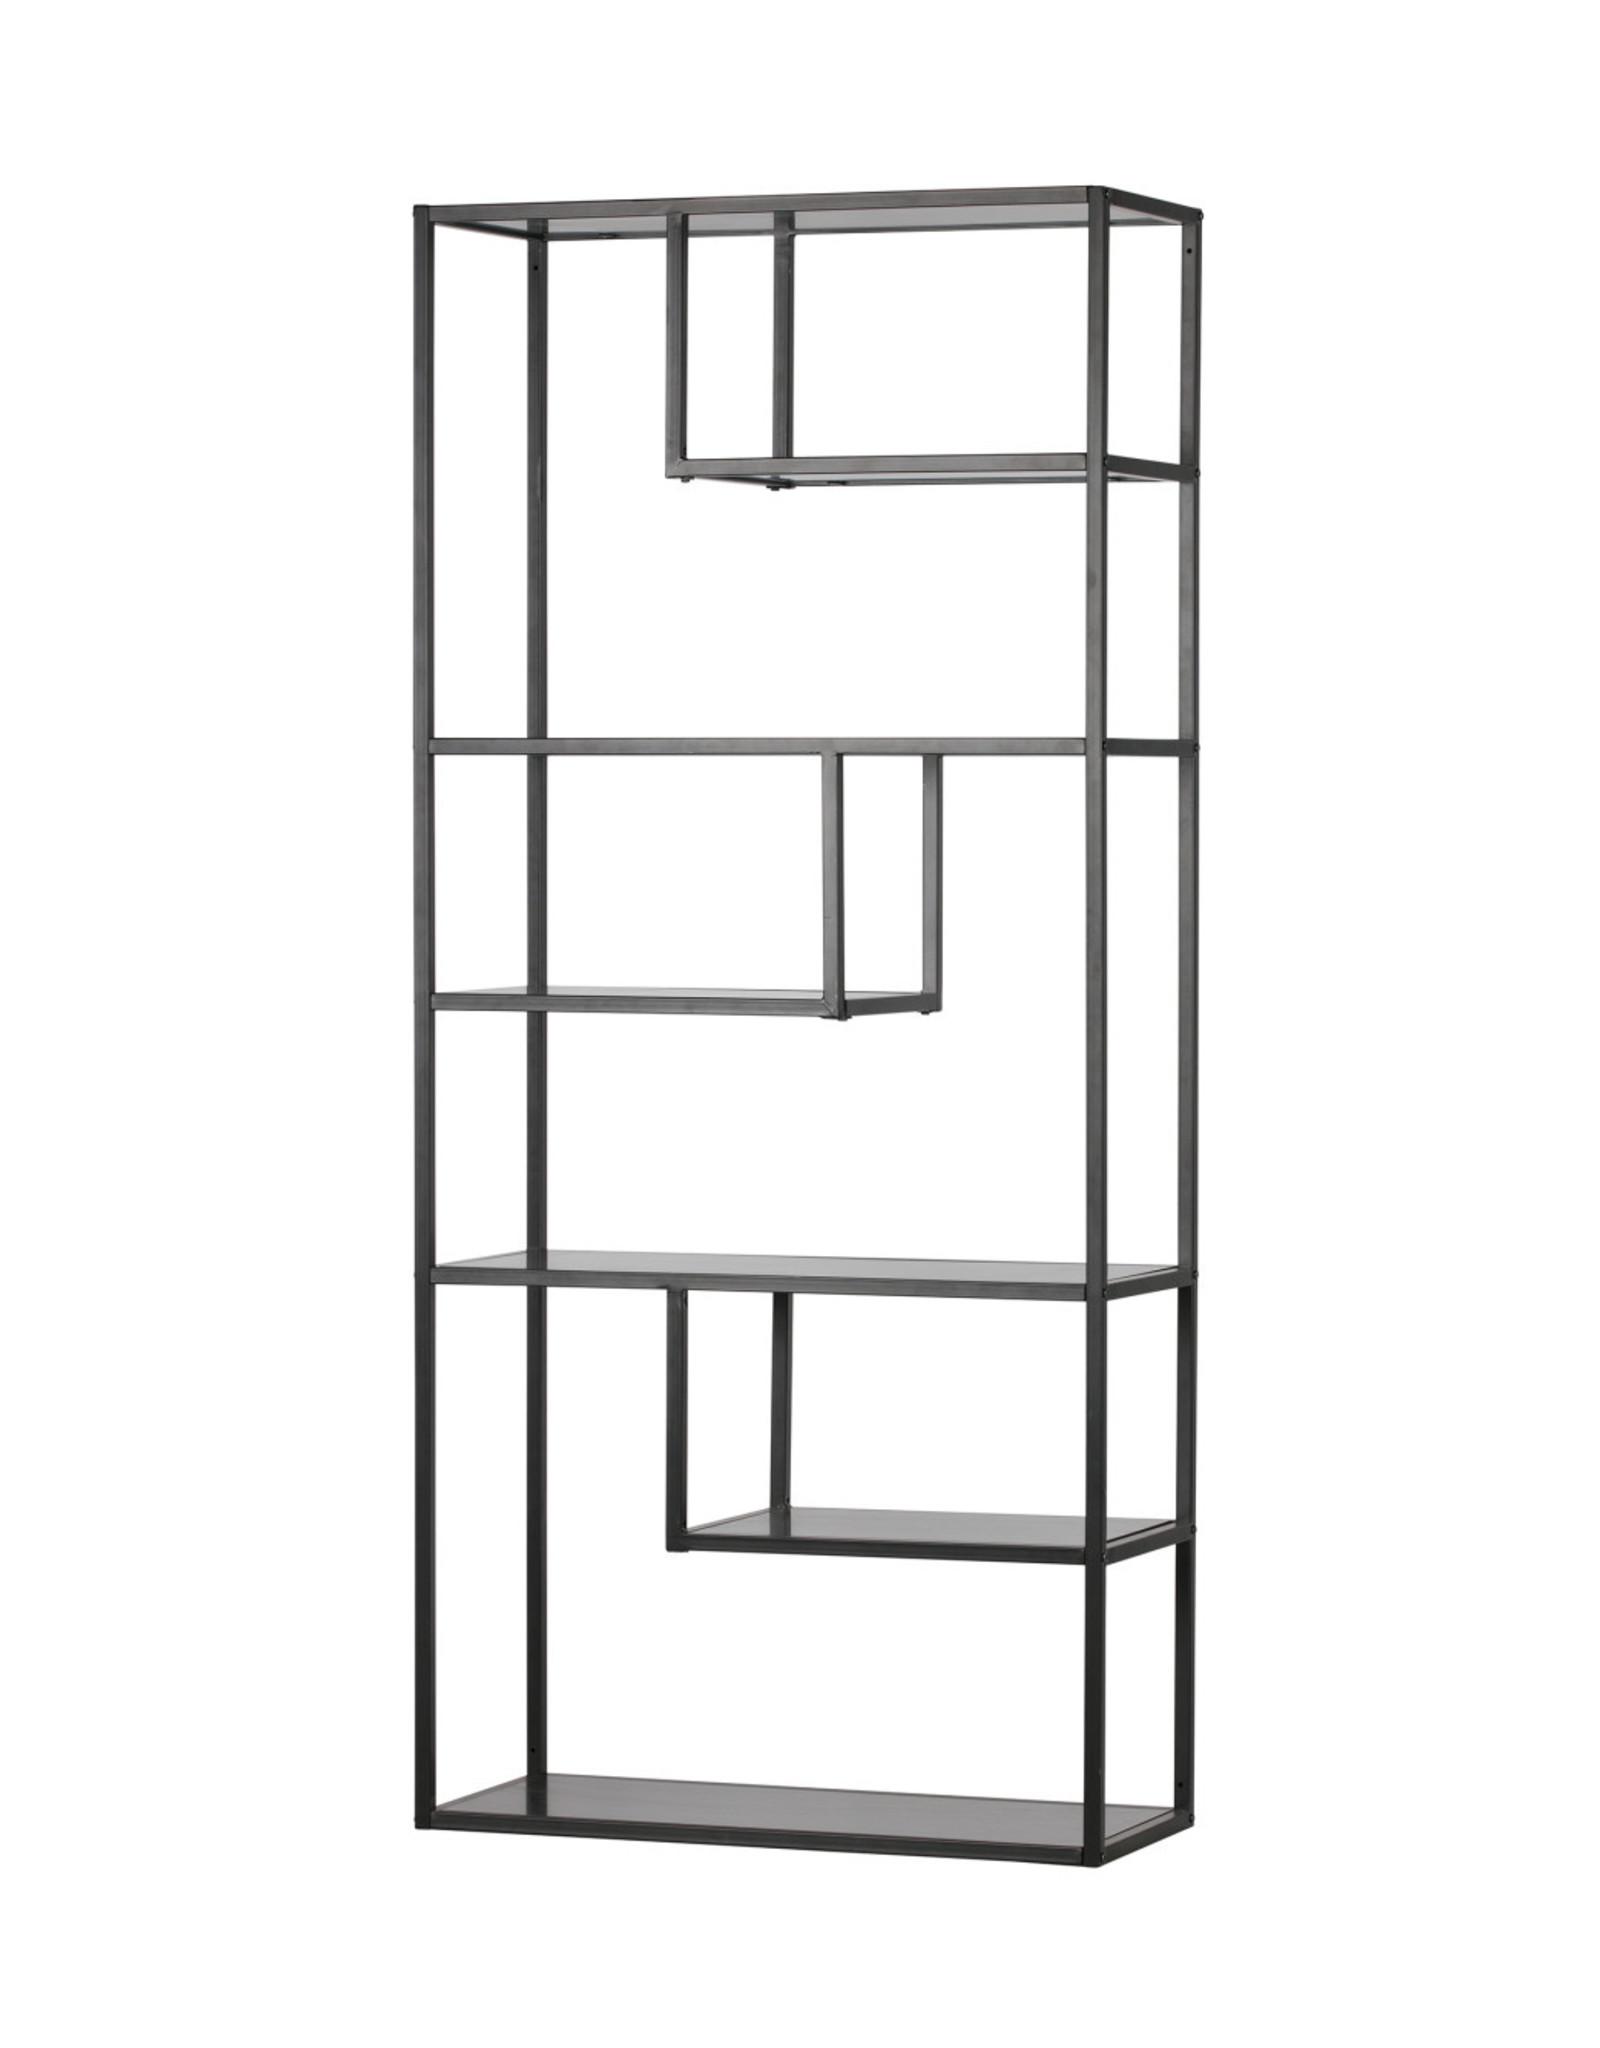 Wandkast/Boekenrek B85 cm- zwart metaal